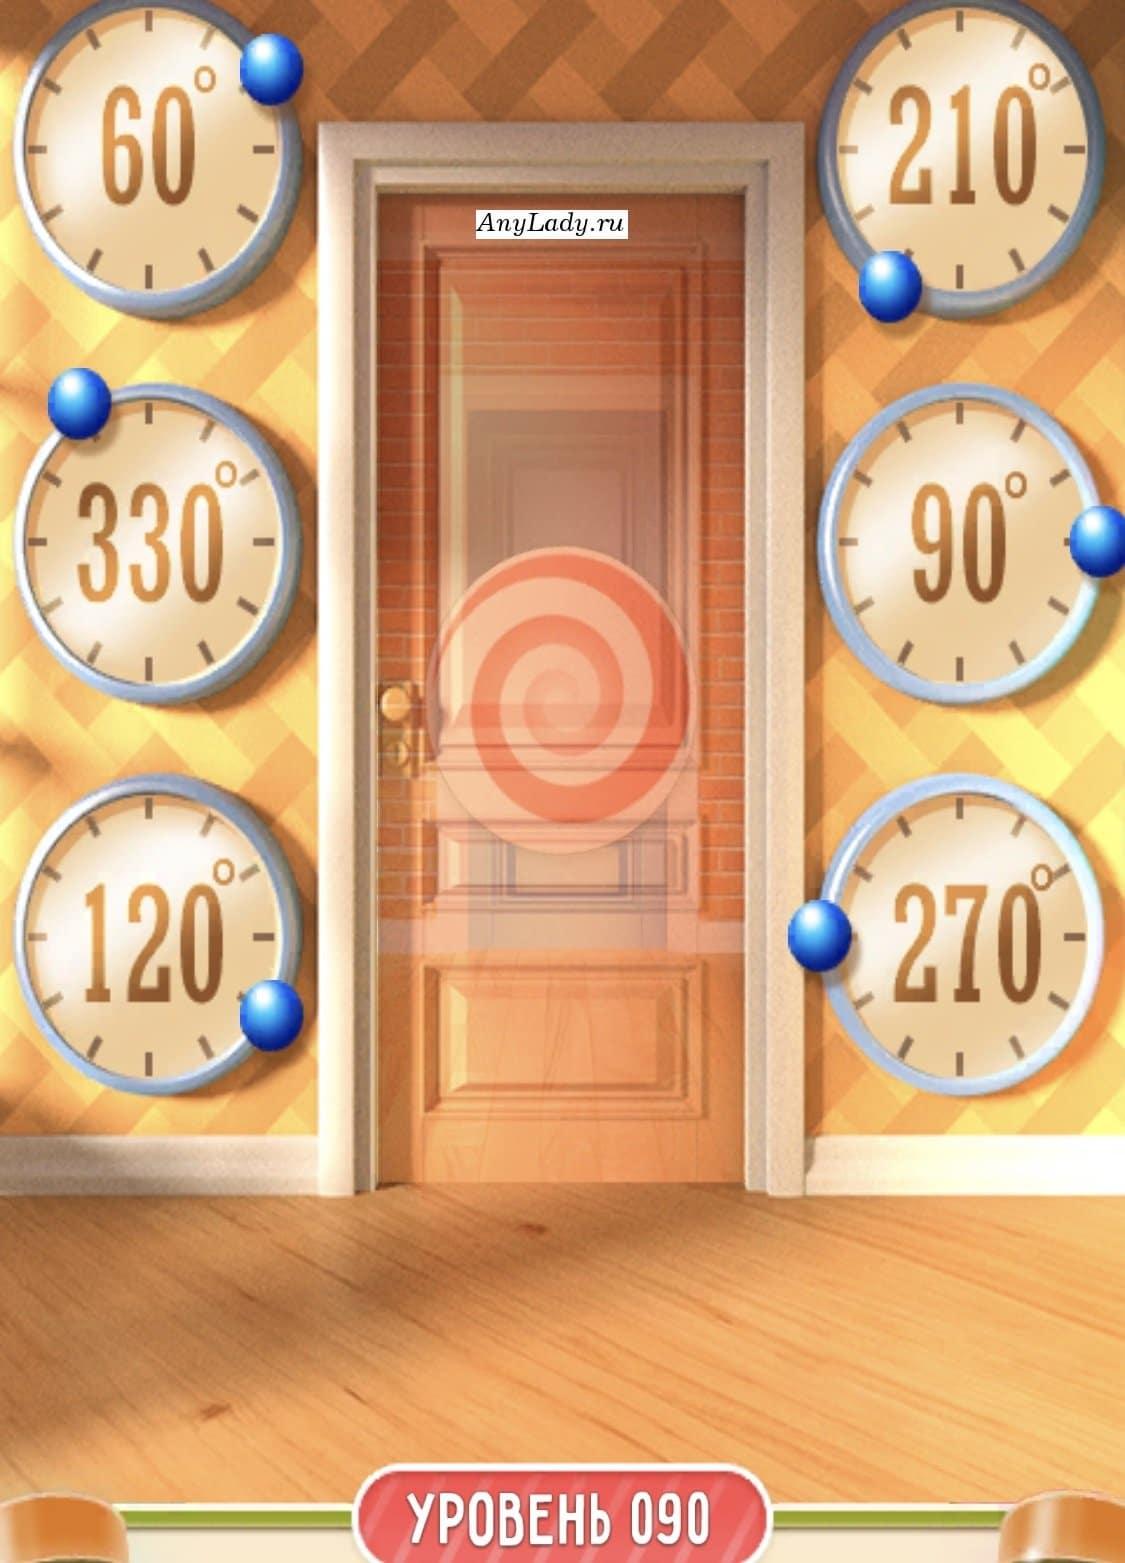 Выставите верно градусы на шести термометрах, нажимая на них верное число раз. Начнем с верхнего левого термометра: